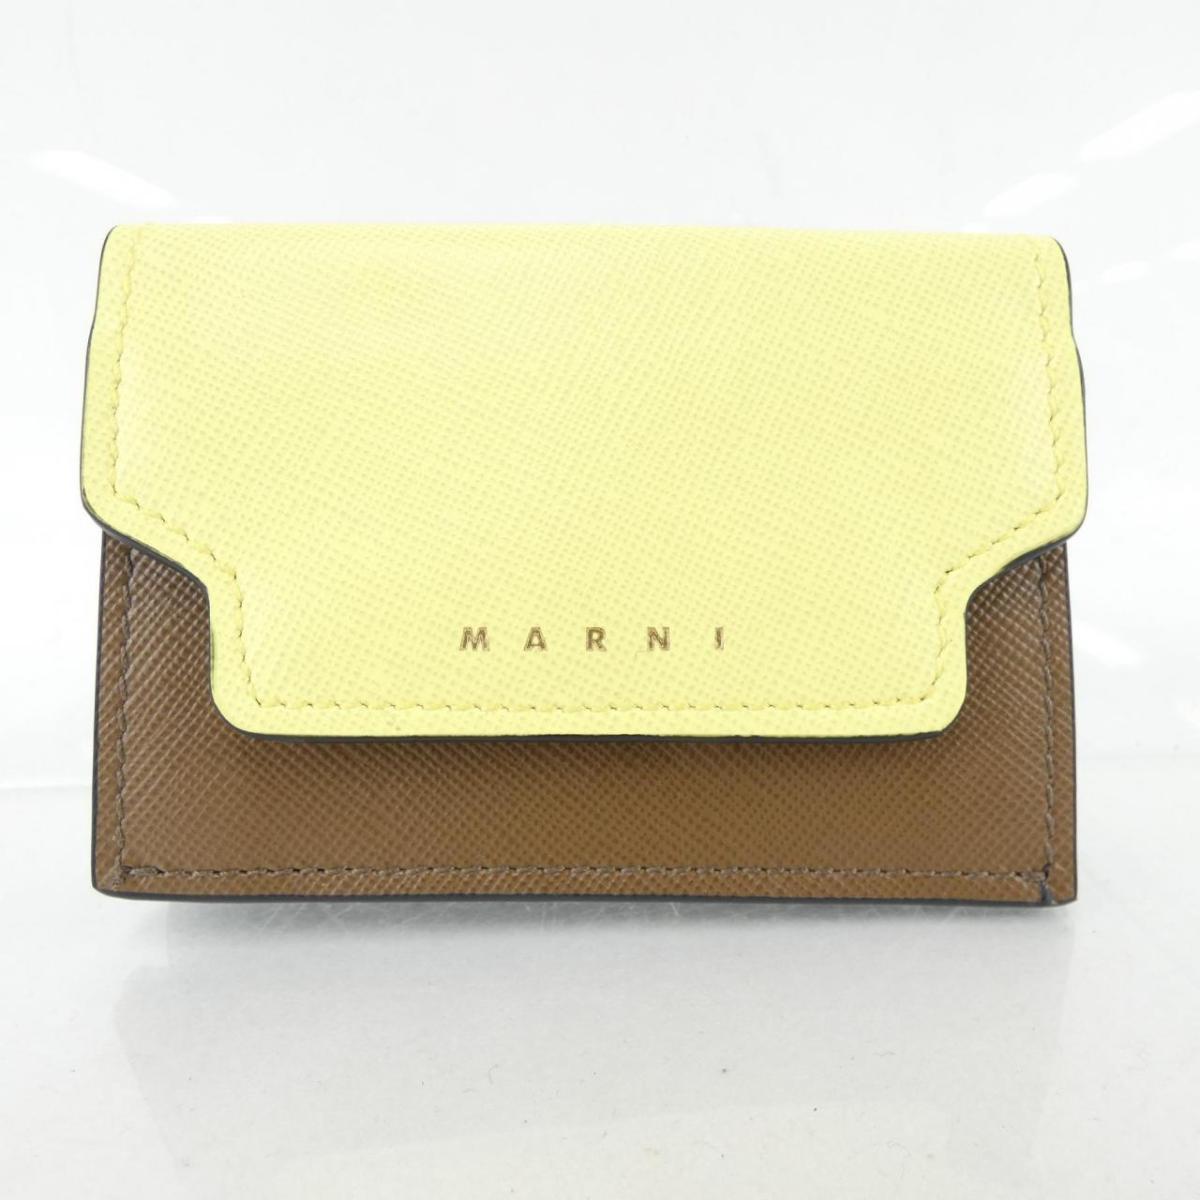 マルニ MARNI WALLET PFMOW02U09【中古】